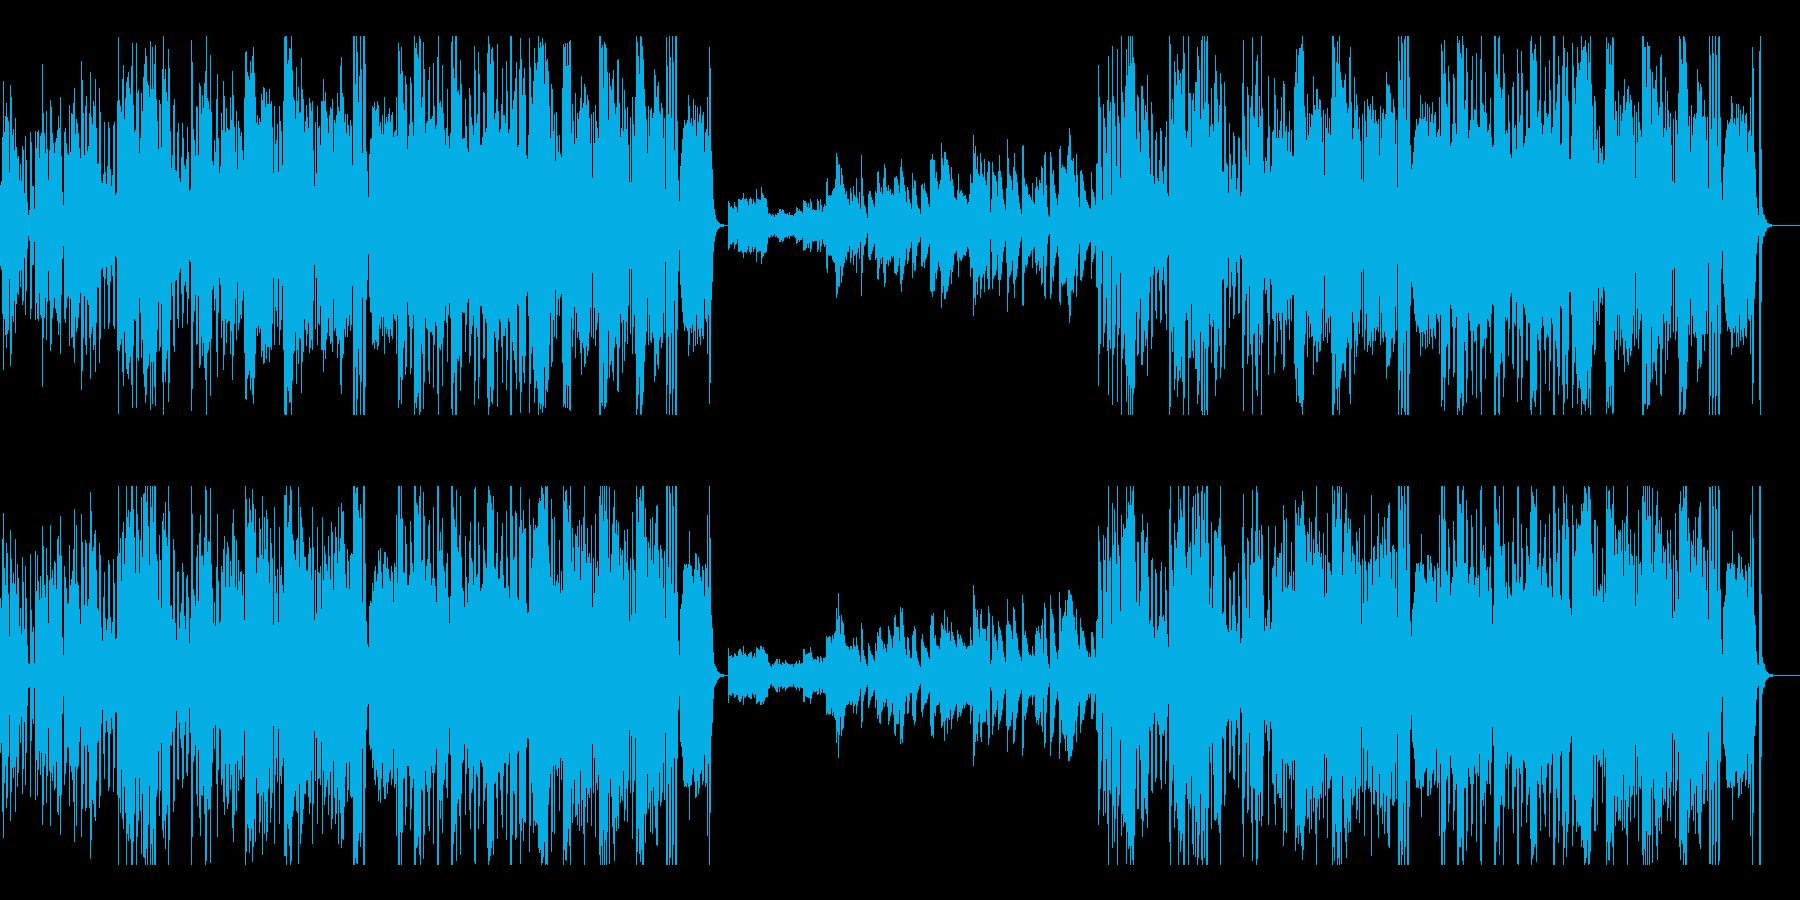 激しい ロック ジャズ ラテン 優雅の再生済みの波形